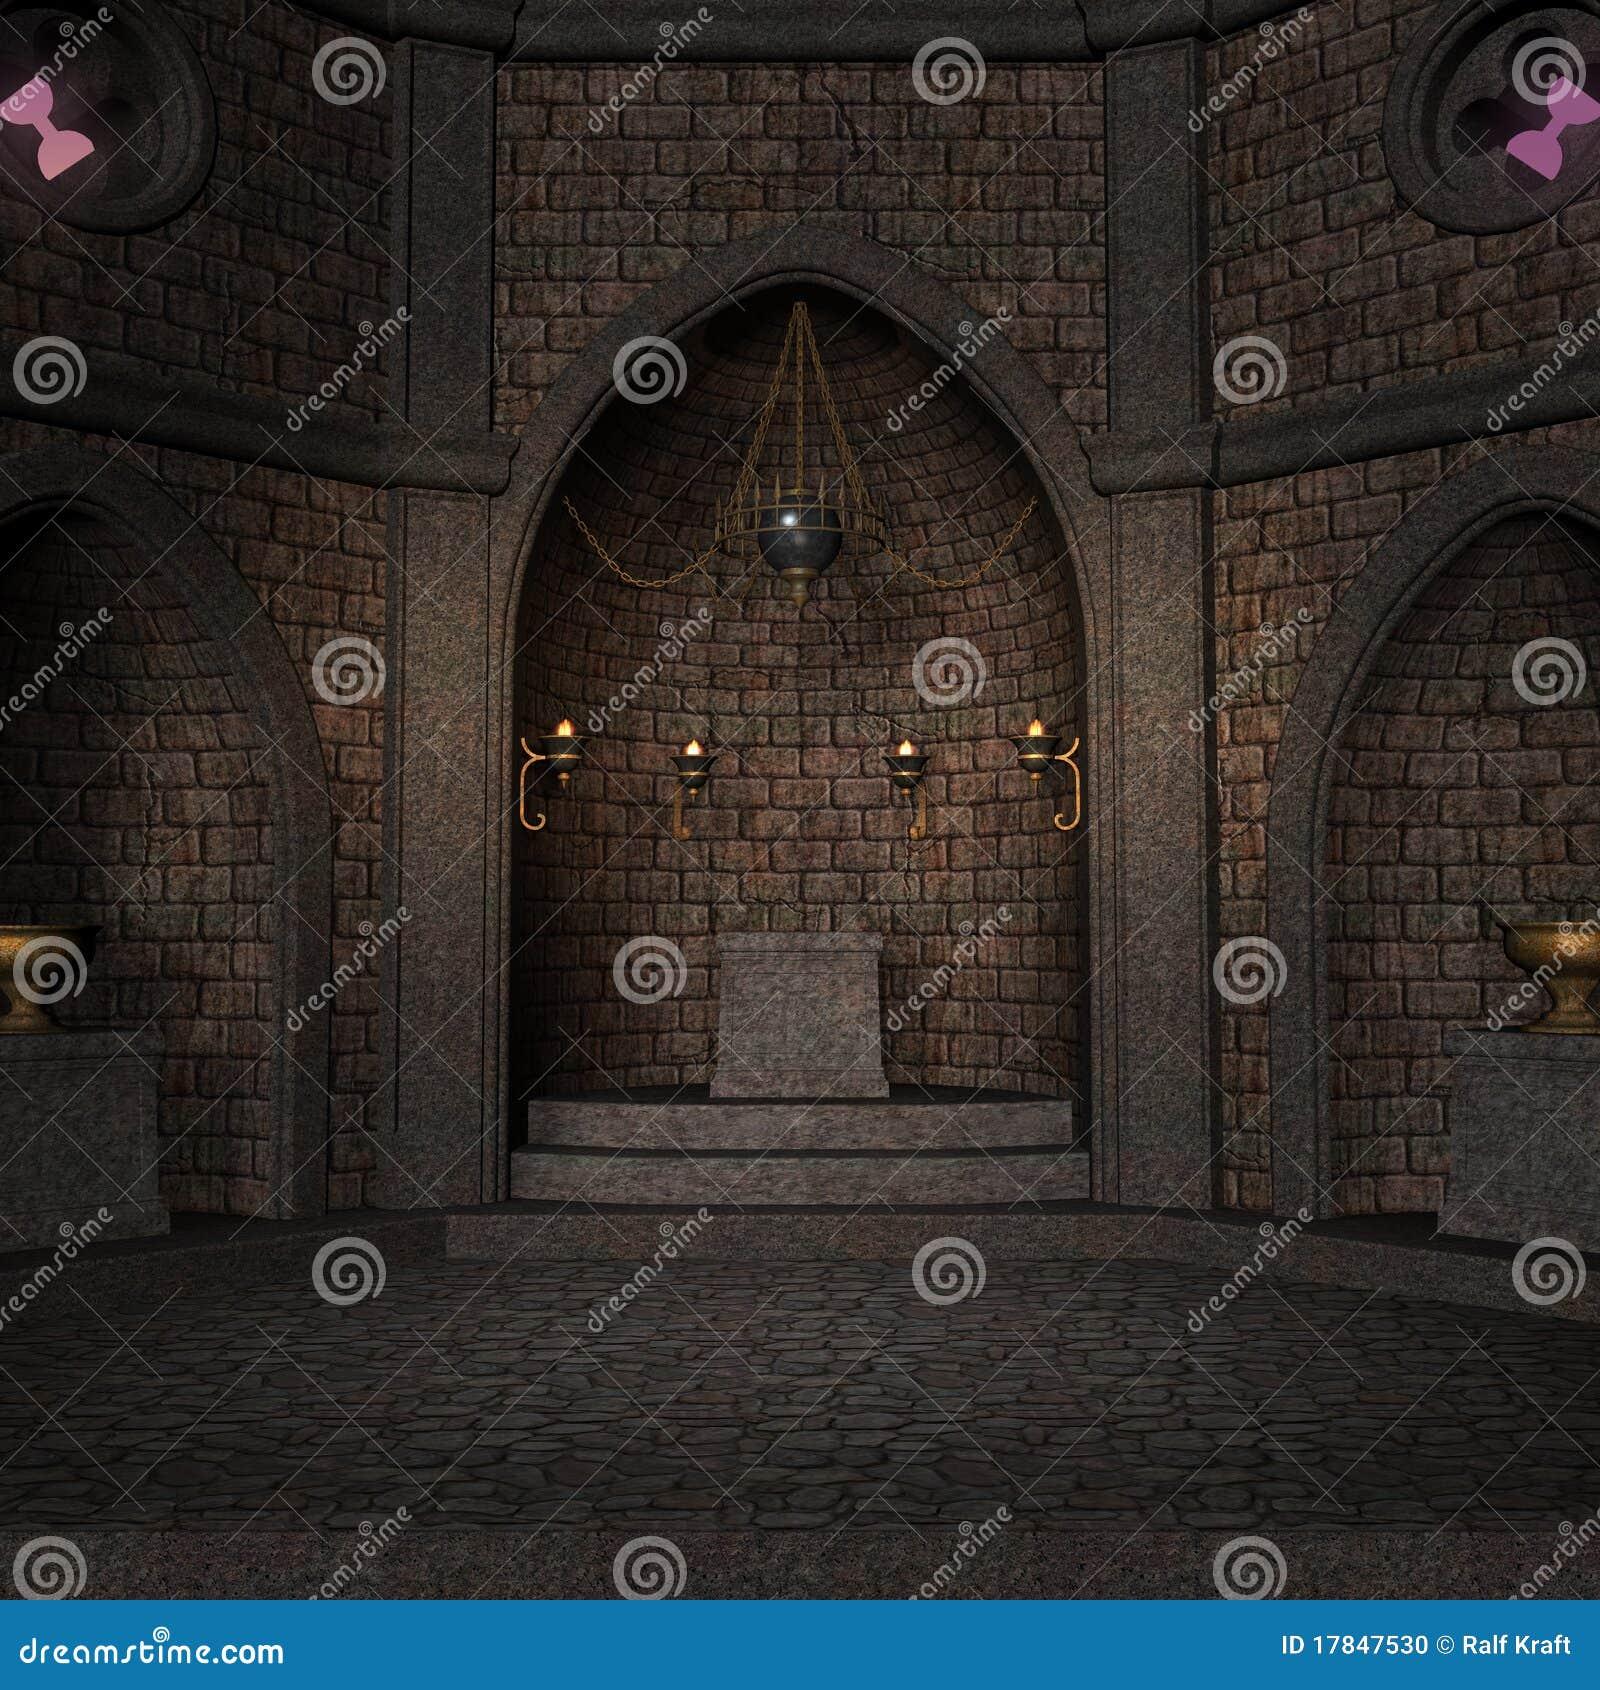 Altar o lugar sagrado arcaico en una configuración de la fantasía